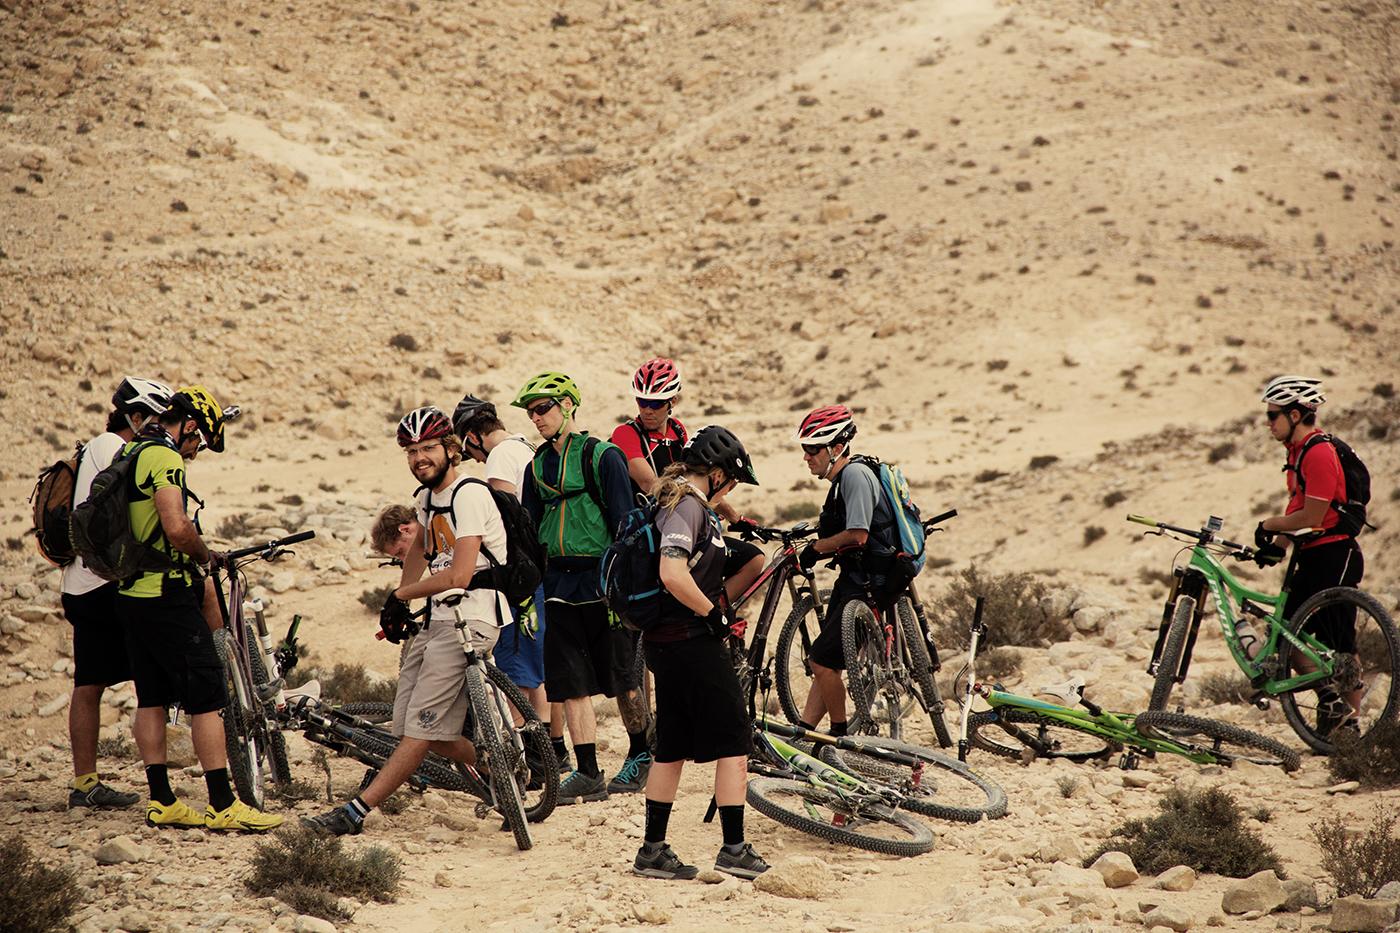 Ein bunter Biker-Haufen in der kargen Wüste